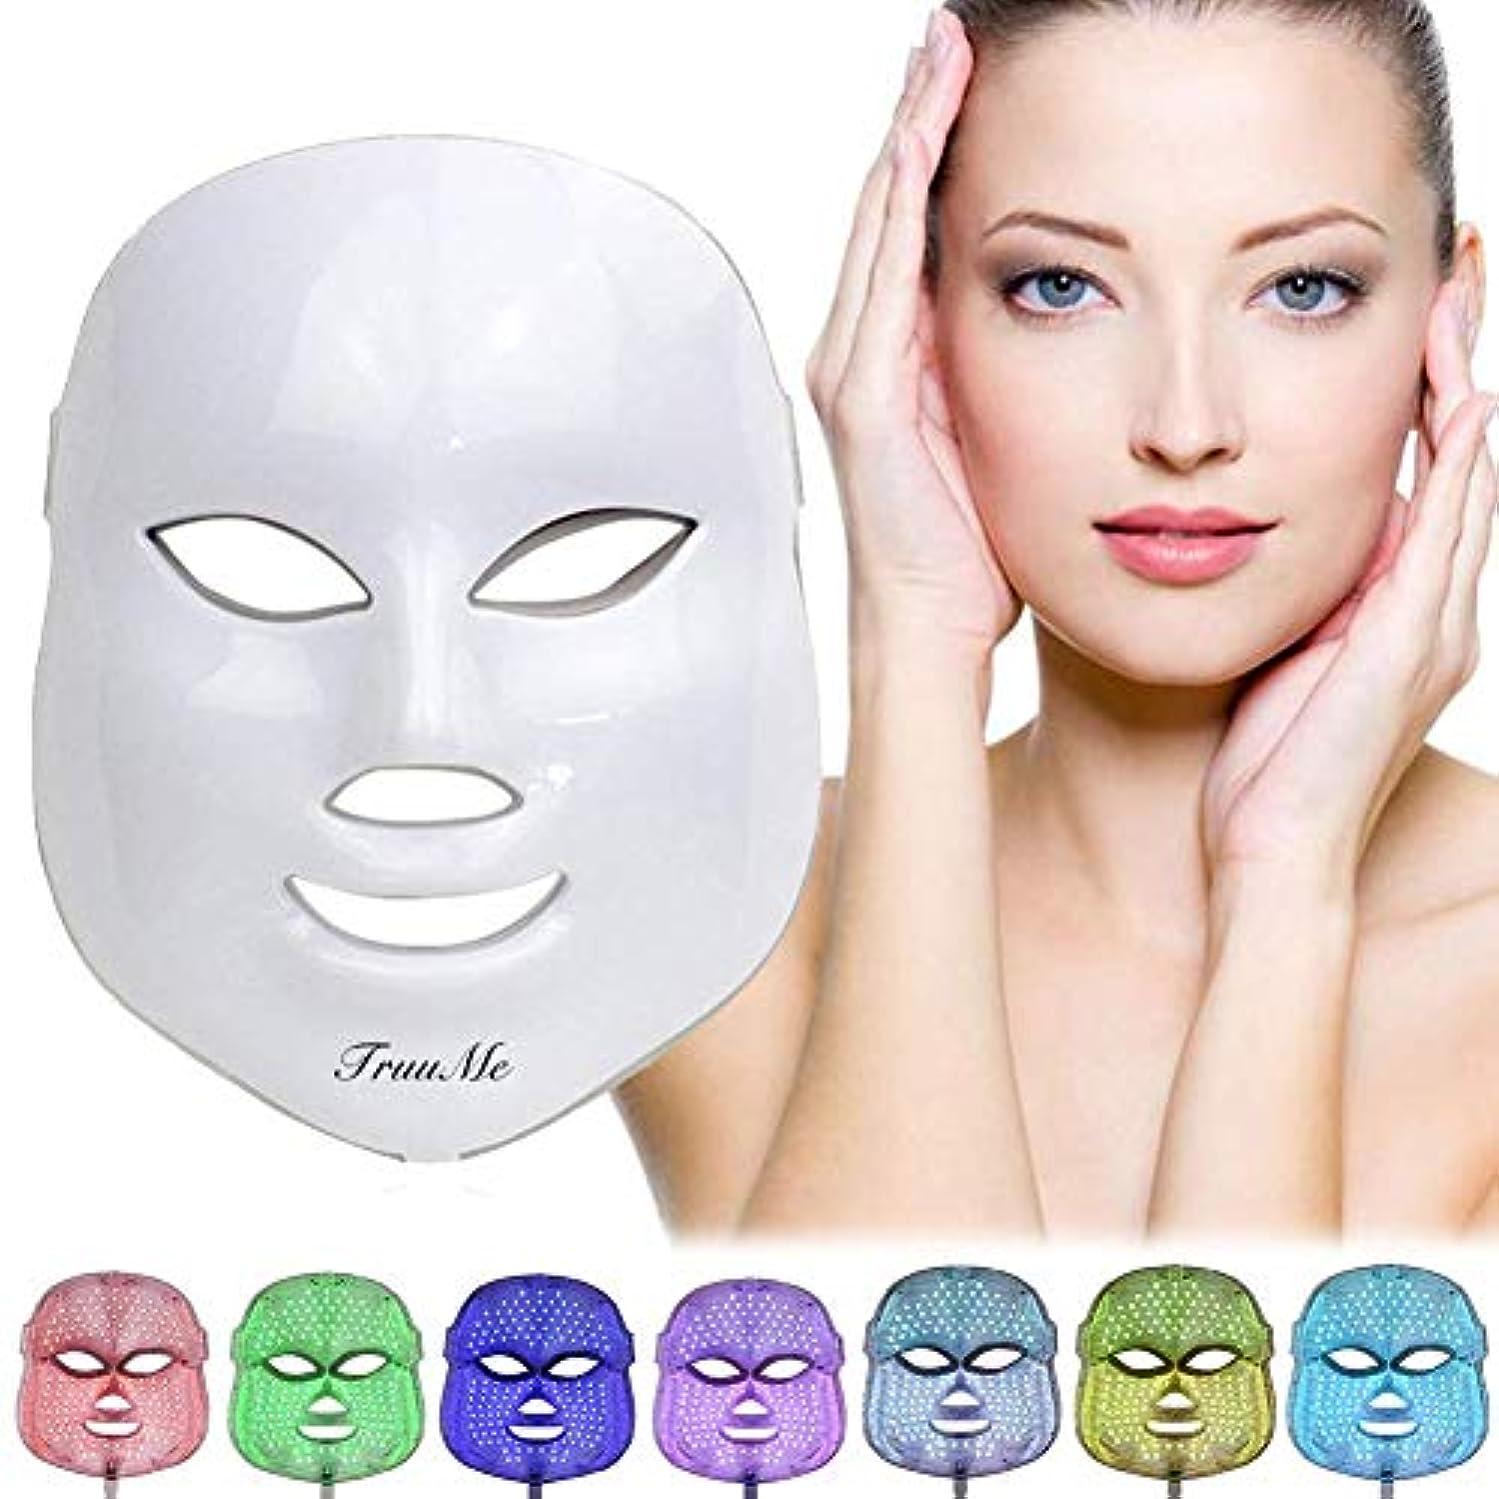 ジャングル入手しますアカデミーLEDフェイスマスク、ライトセラピーニキビマスク、LEDフェイシャルマスク、光線療法マスク、LEDエレクトリックフェイシャルマスク、7色光治療、ニキビ治療用マスク、斑点、にきび、皮膚のシミ